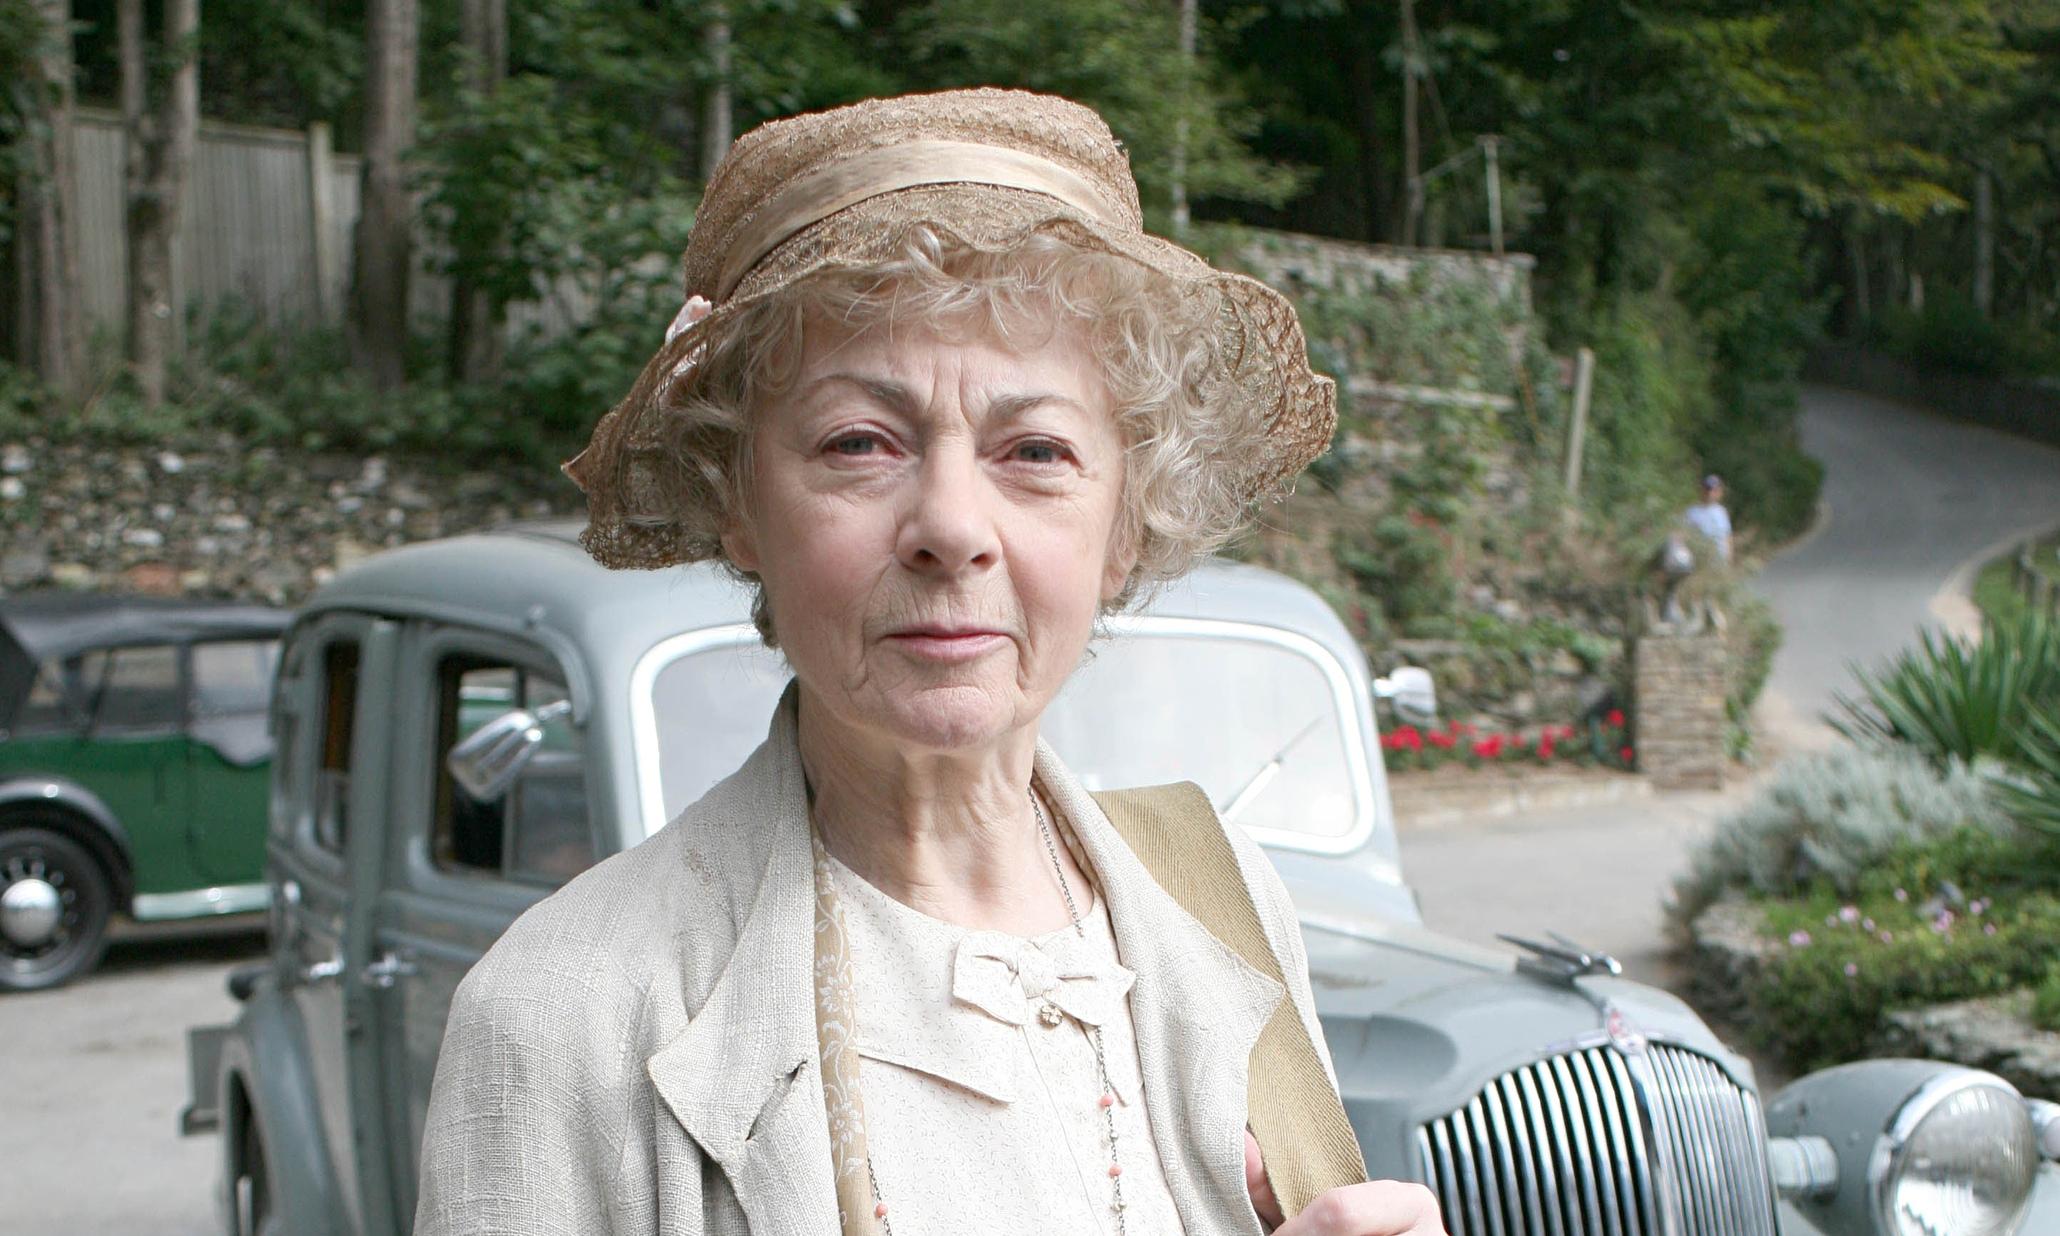 miss marple actor geraldine mcewan dies aged 82 uk news